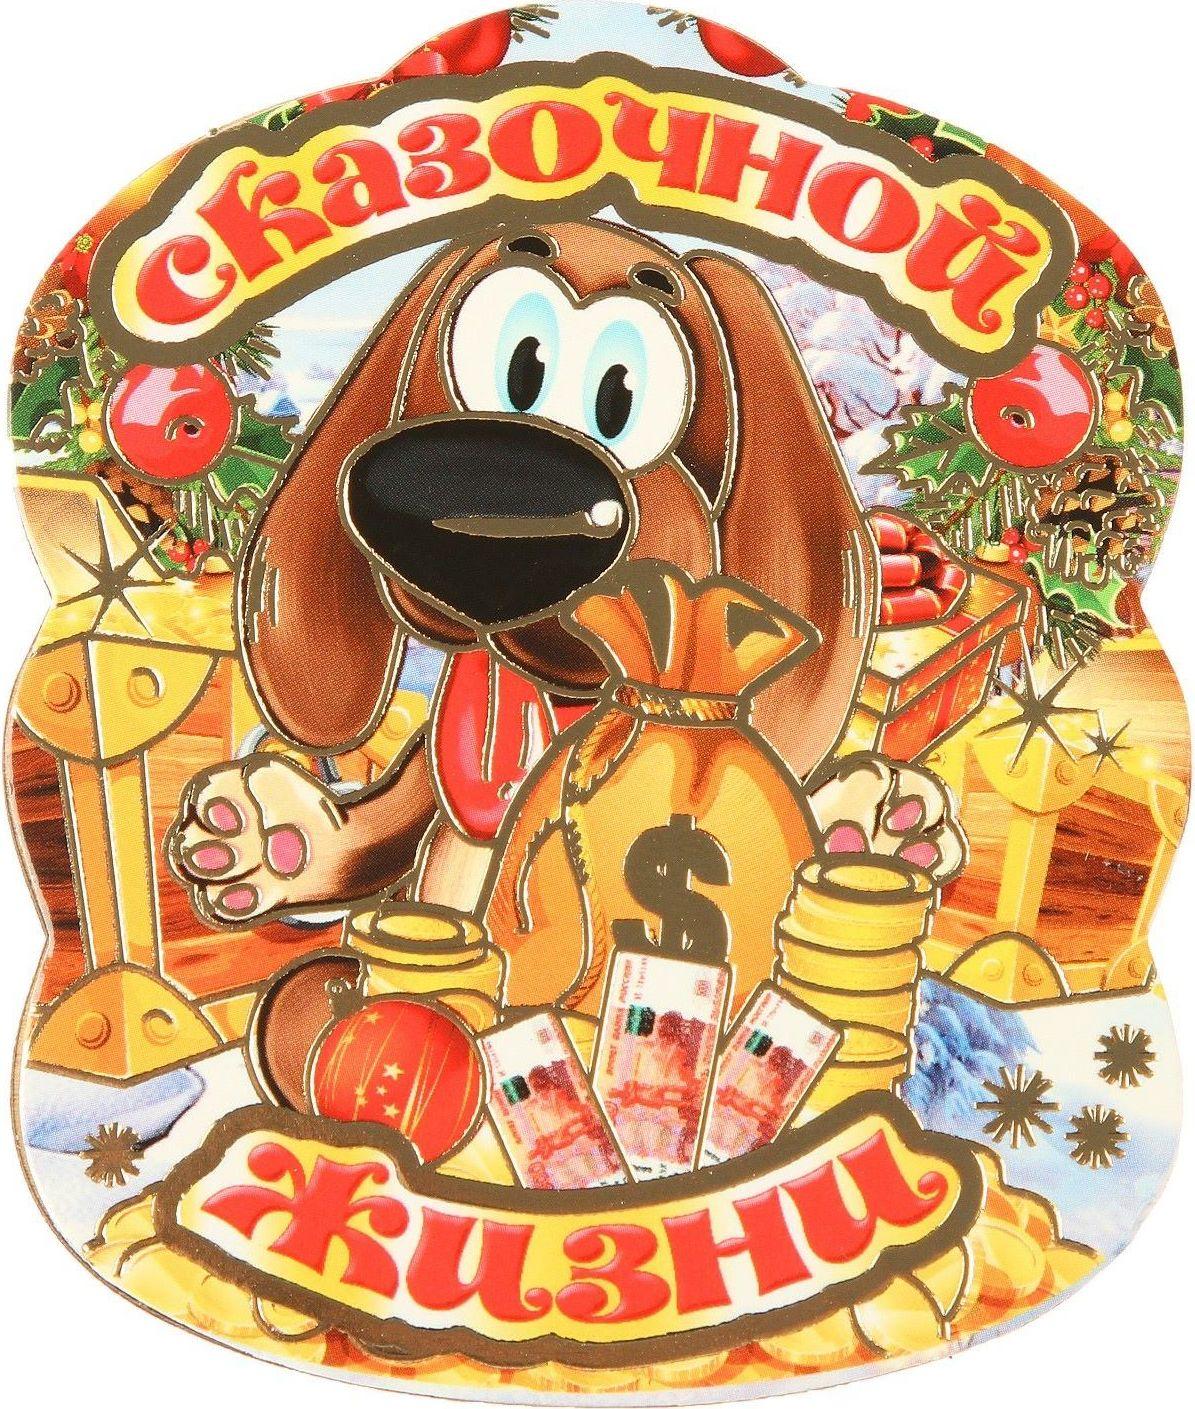 Магнит Sima-land Новогодний, 9,5 х7,5 см. 25943202594320Порадуйте родных и близких оригинальным сувениром: преподнесите в подарок магнит. С ним даже самый серьёзный человек почувствует себя ребёнком, ожидающим чудо! Создайте праздничное настроение, и оно останется с вами на весь год.